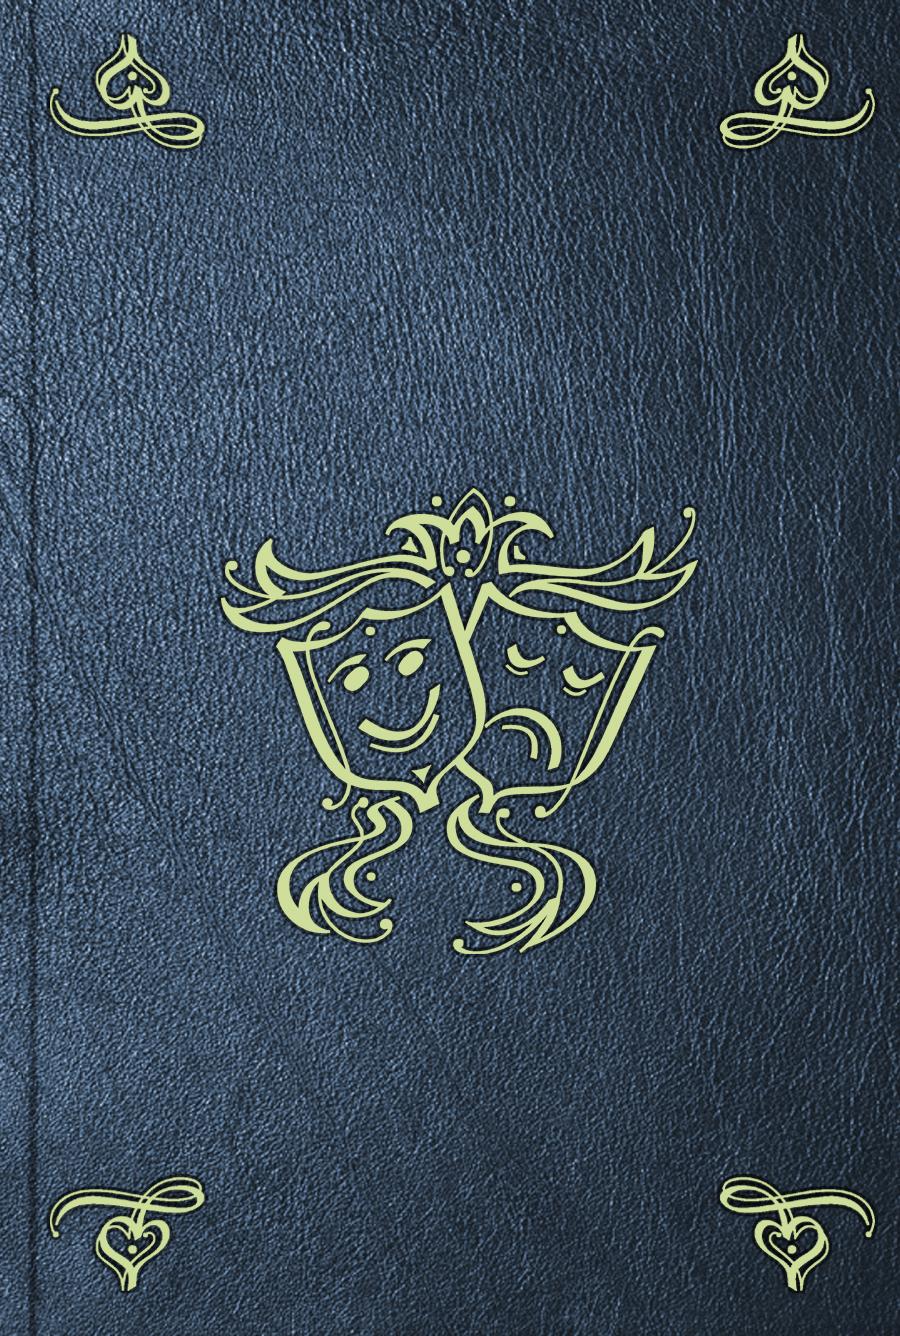 Vittorio Alfieri Le opere postume. Vol. 7 nunzio vaccalluzzo vittorio alfieri e il sentimento patriotico di g leopardi italian edition